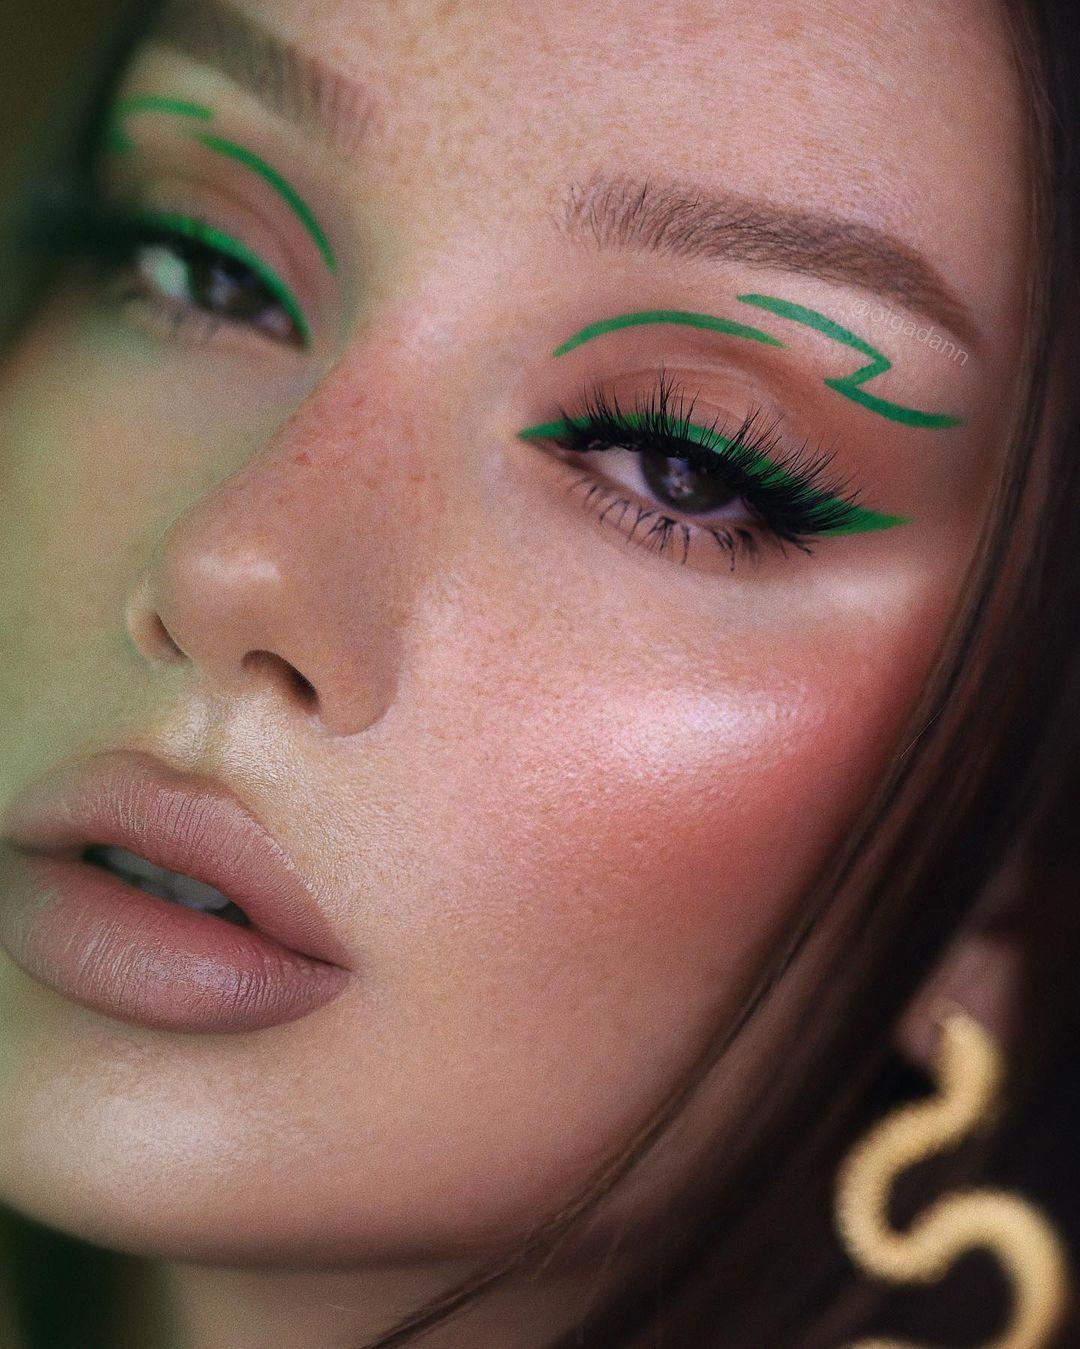 Garota usando maquiagem com delineado gatinho verde e um delineado gráfico na parte acima da pálpebra. Na foto, só dá para ver o rosto, que tem uma pele iluminada, blush bem mercado e batom cor de boca. A expressão facial é séria, com a boca levemente aberta.